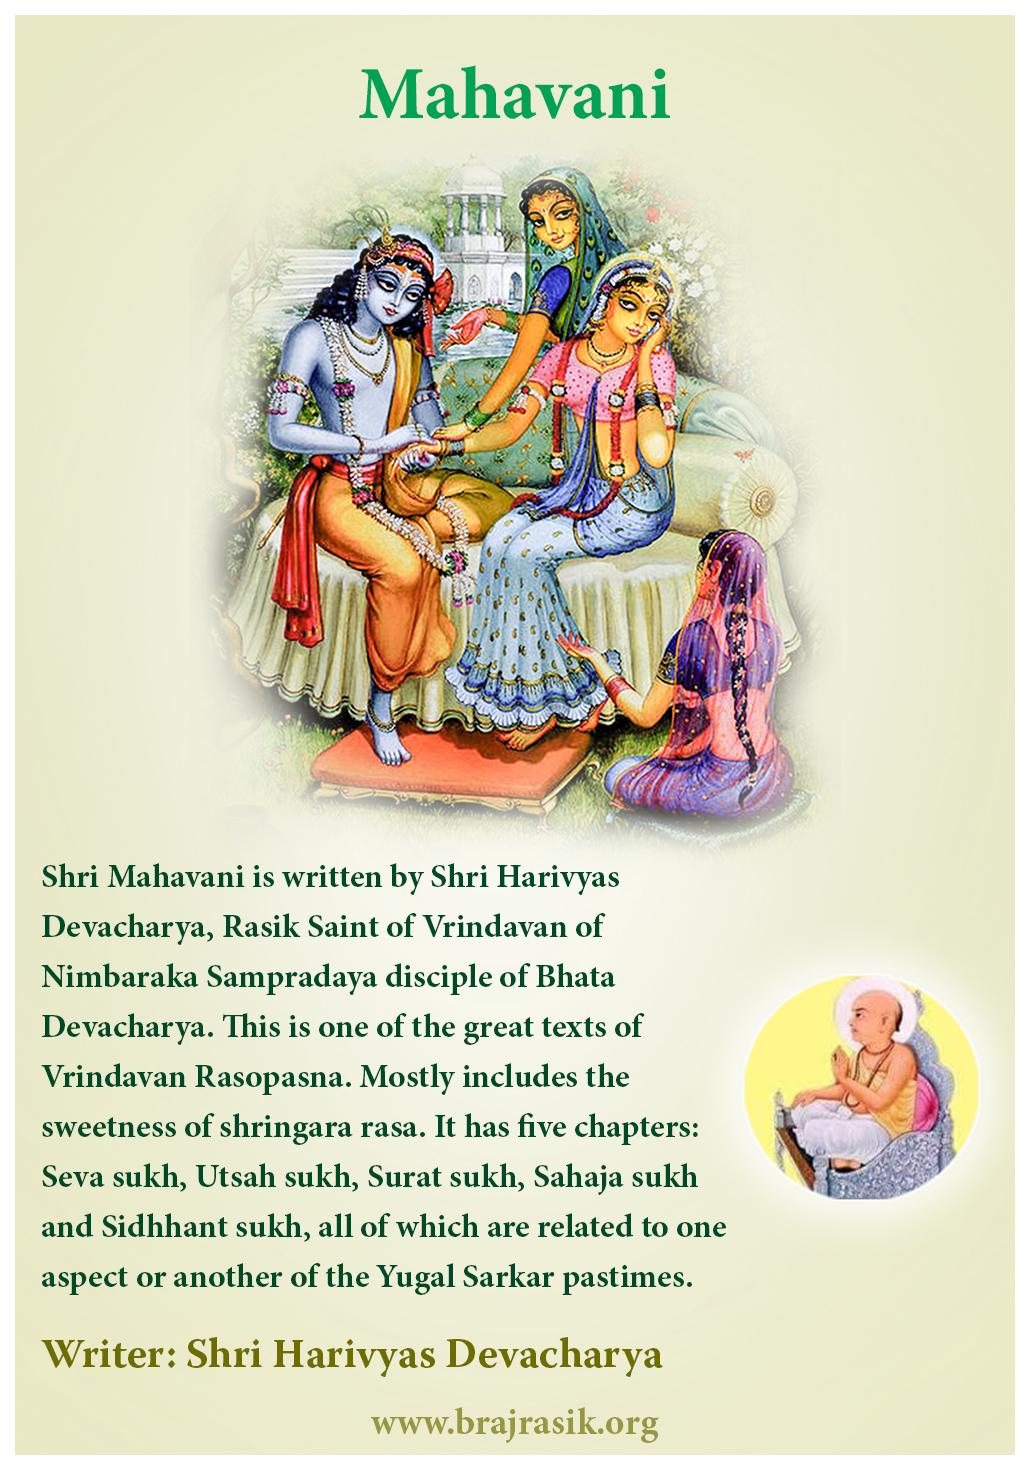 Mahavani